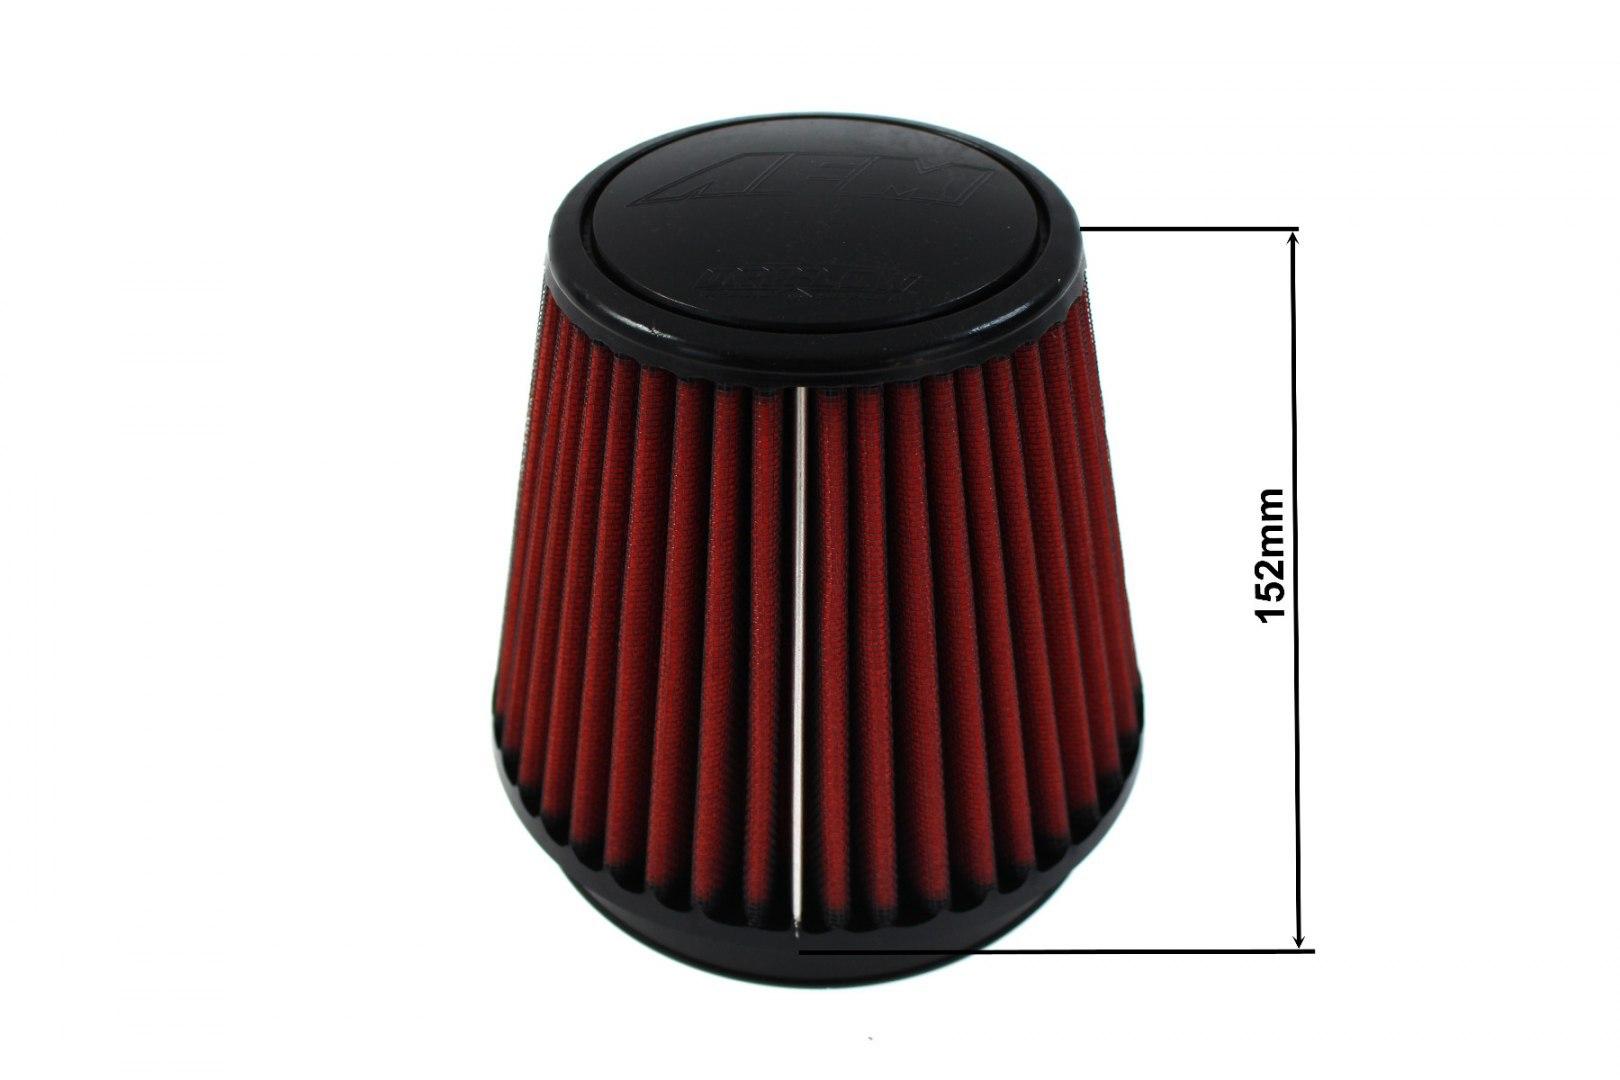 Filtr stożkowy AEM 21-210EDK 152MM - GRUBYGARAGE - Sklep Tuningowy